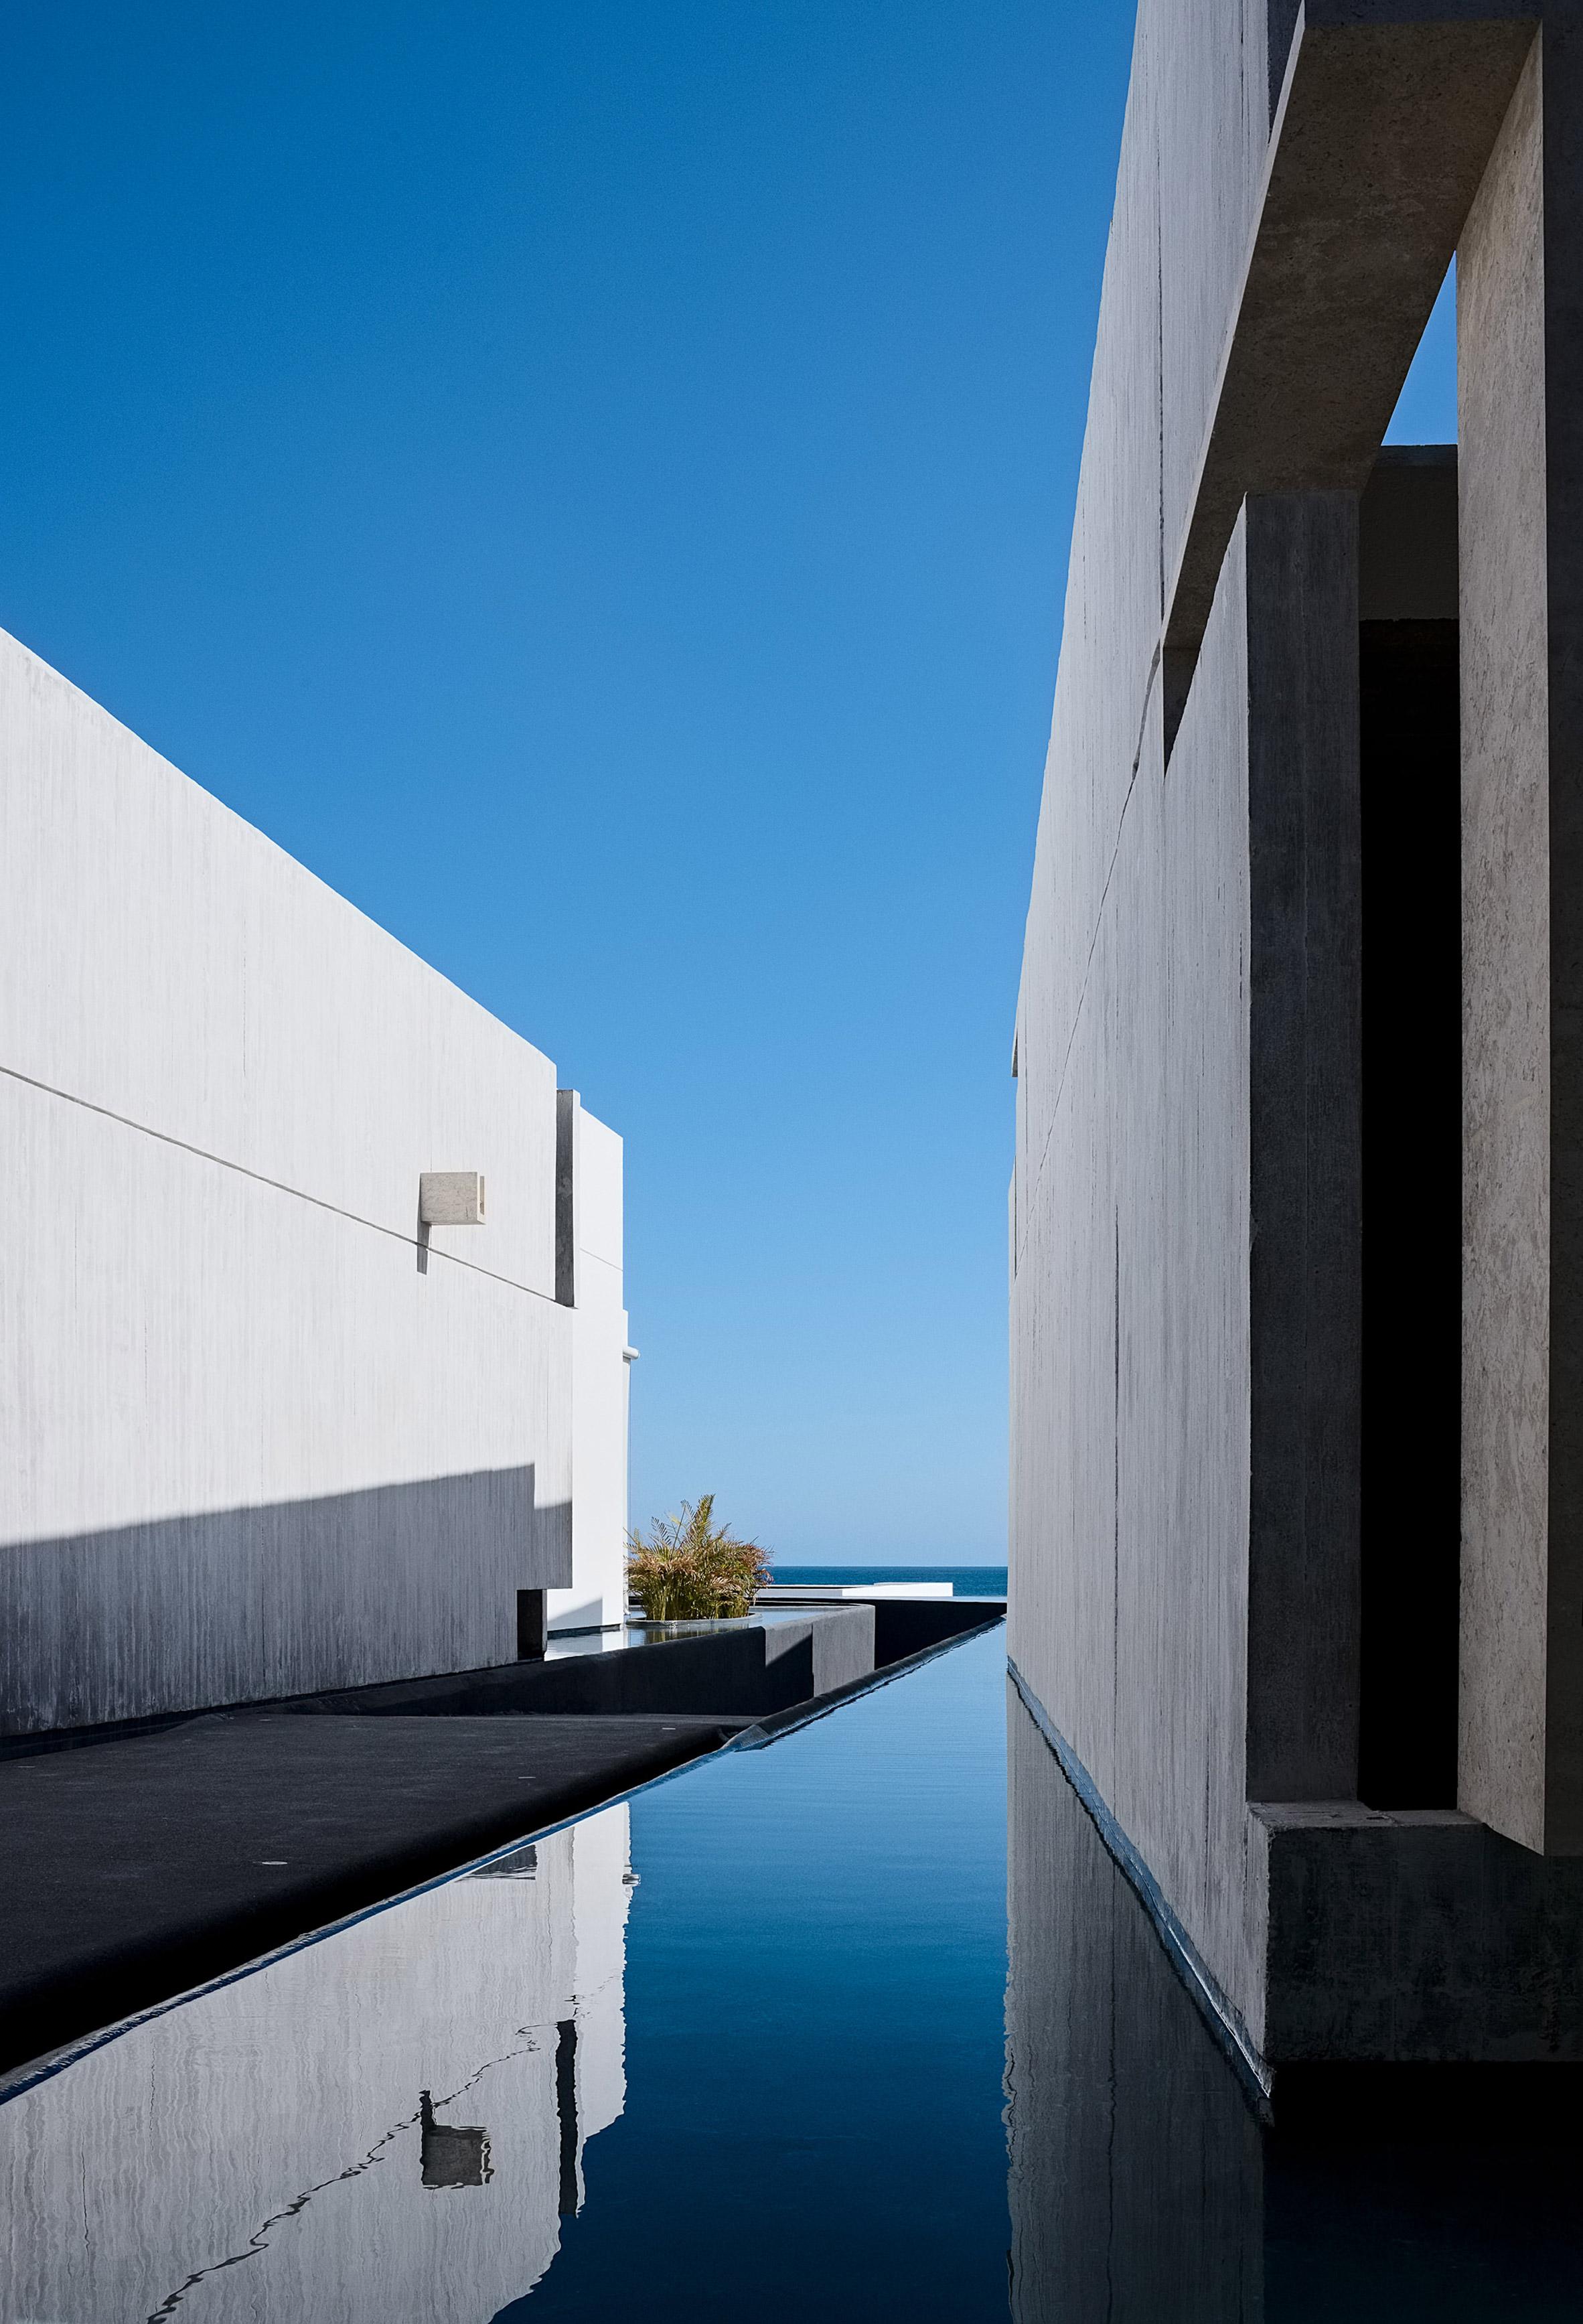 Mar Adentro by Miguel Angel Aragonés